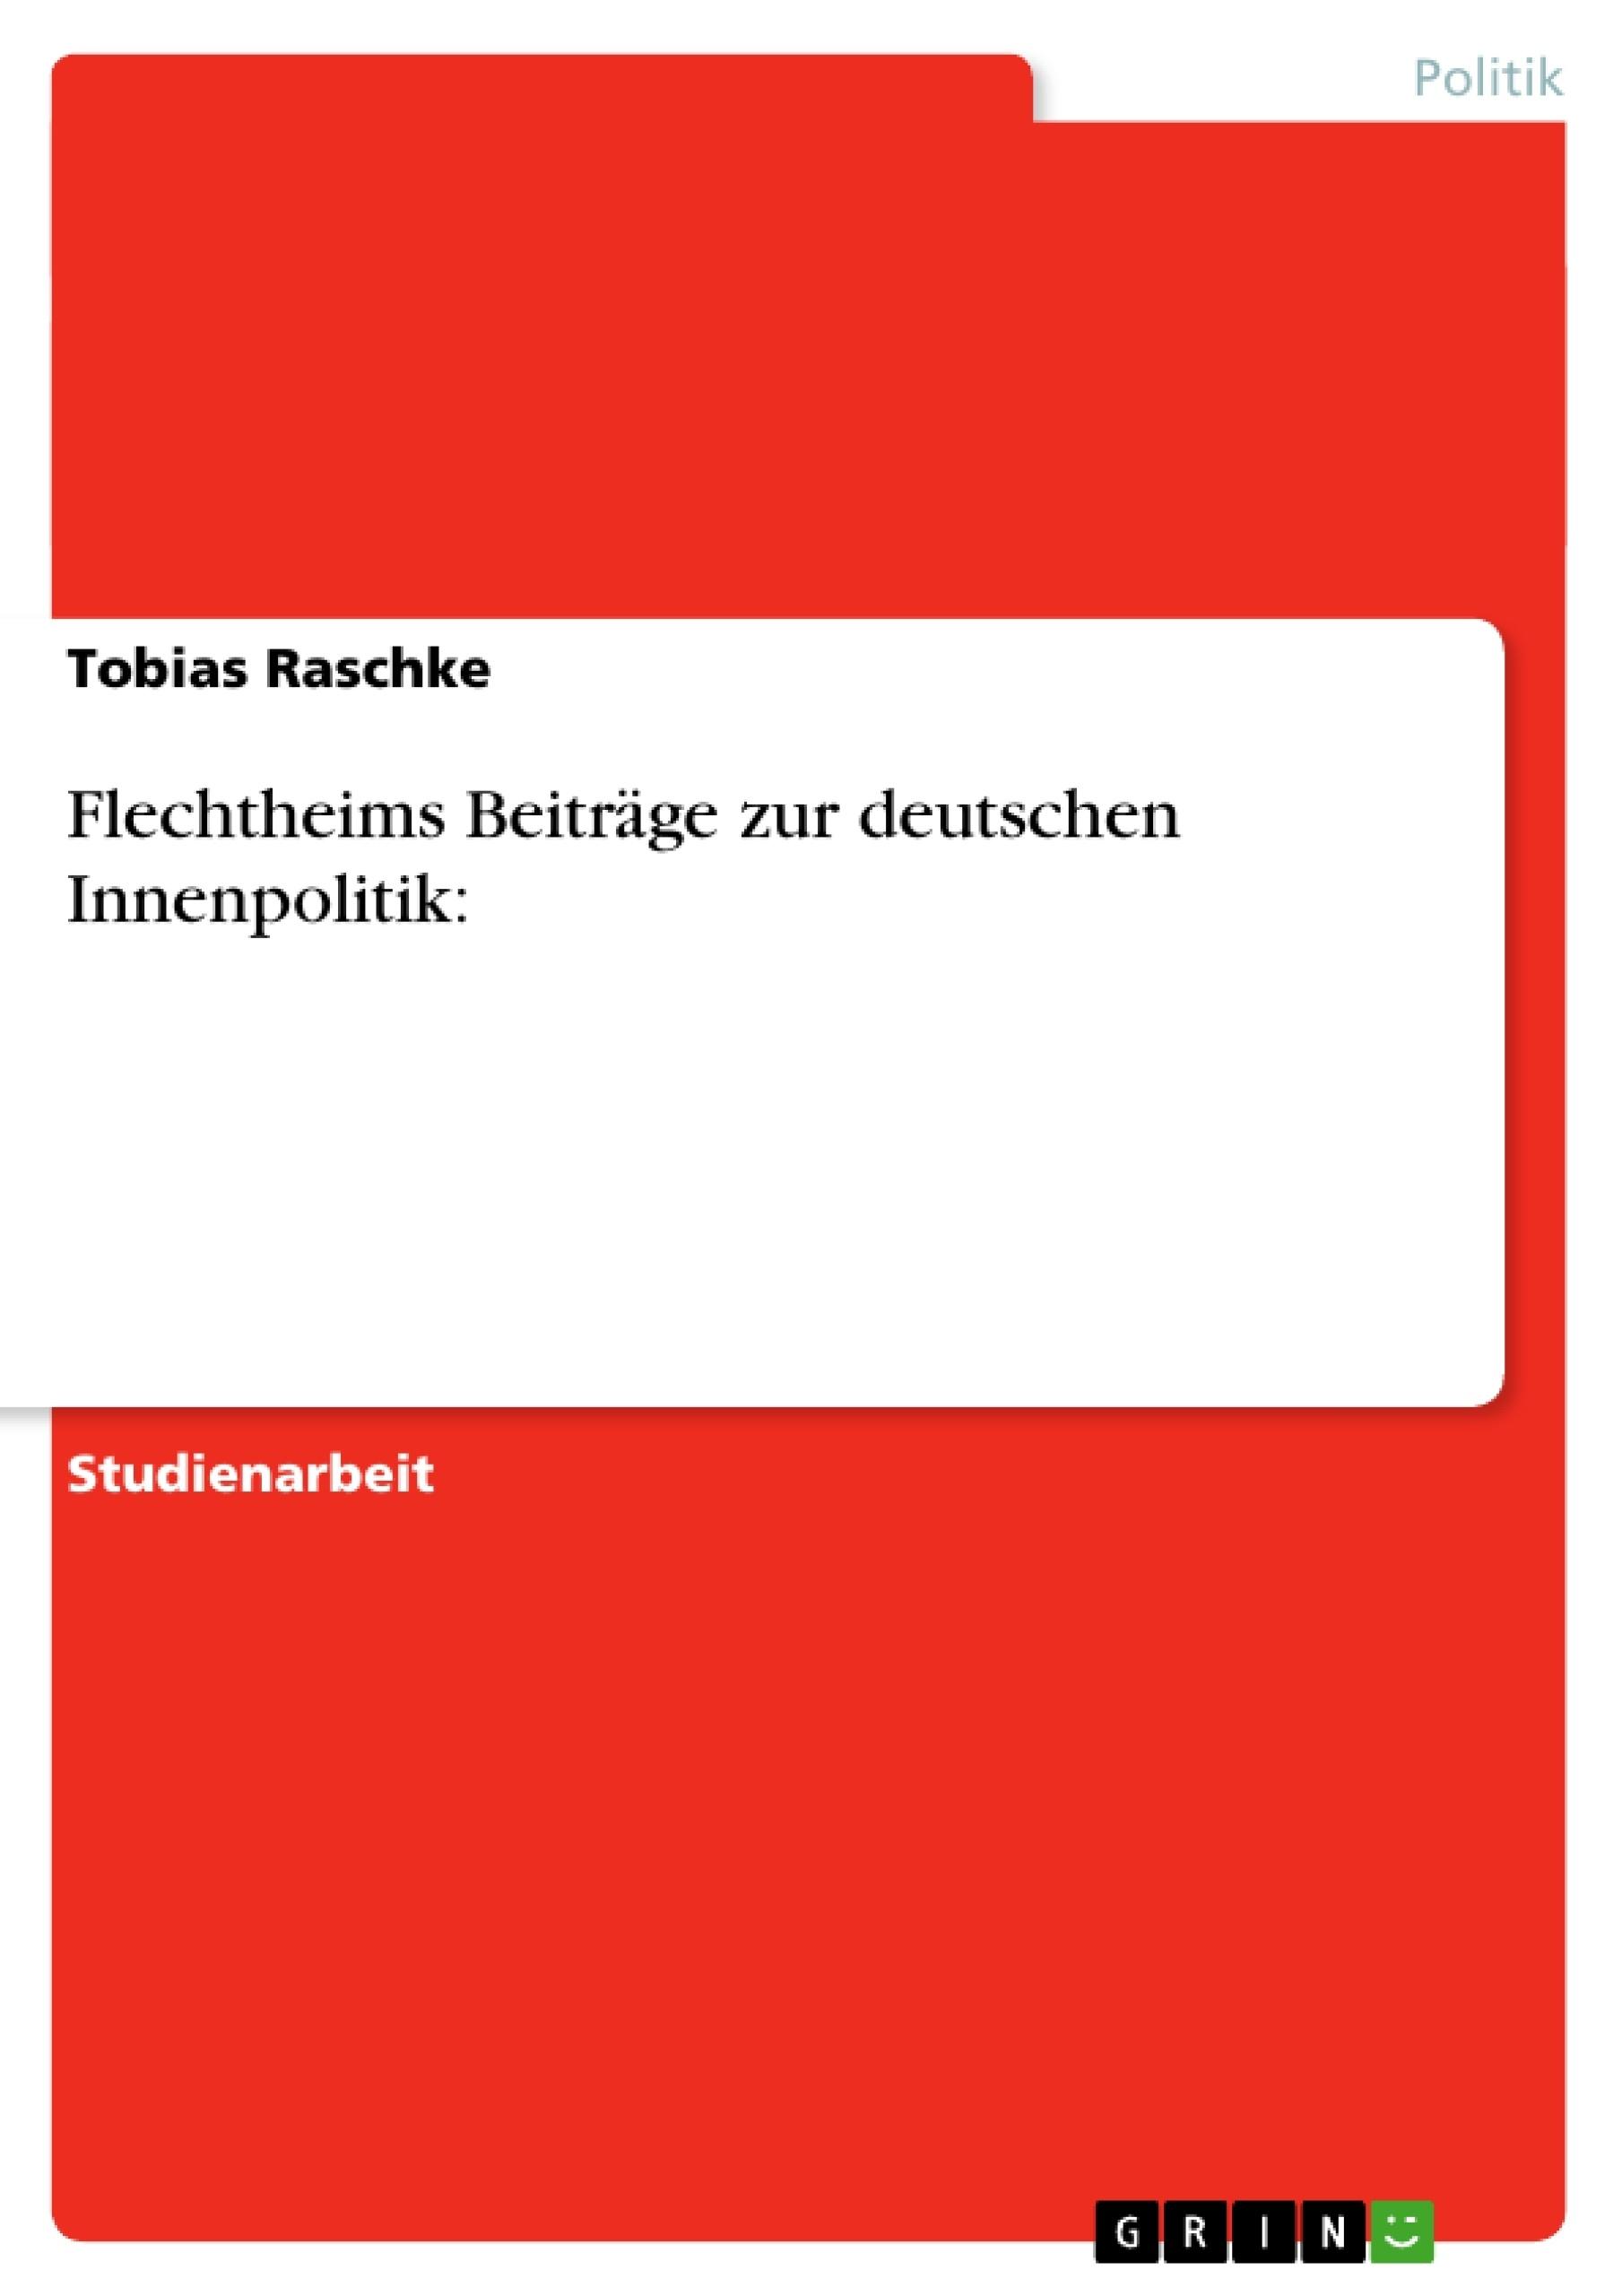 Titel: Flechtheims Beiträge zur deutschen Innenpolitik: